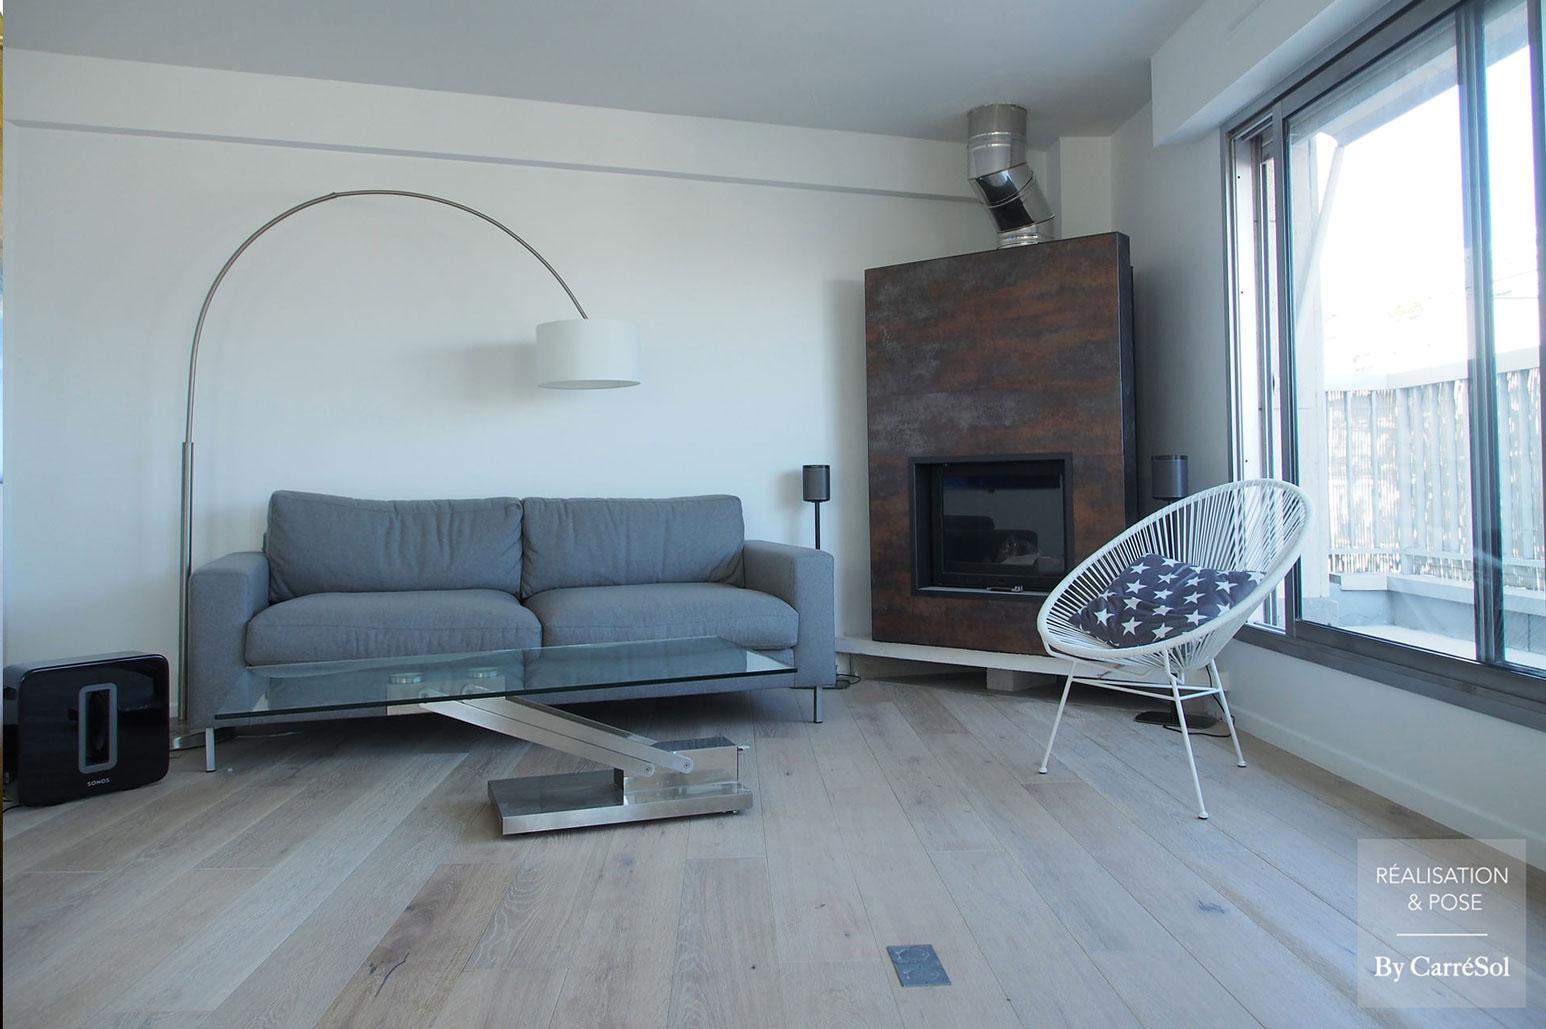 choisir un parquet perfect comment choisir son parquet blanchi point de hongrie mur noir. Black Bedroom Furniture Sets. Home Design Ideas